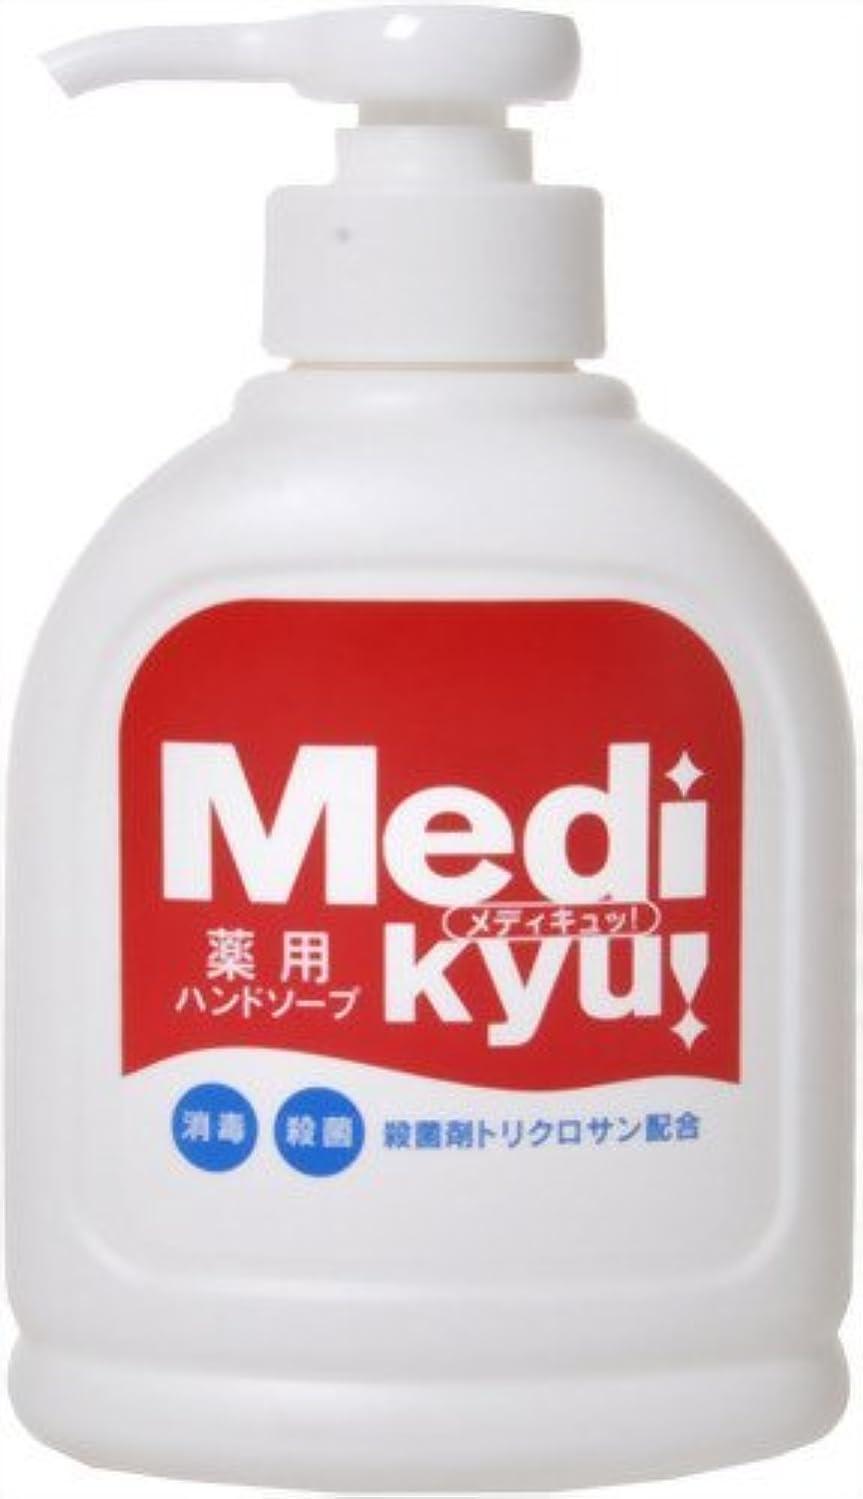 アクセサリー石油ウェイター【まとめ買い】薬用ハンドソープ メディキュッ 250ml ×3個